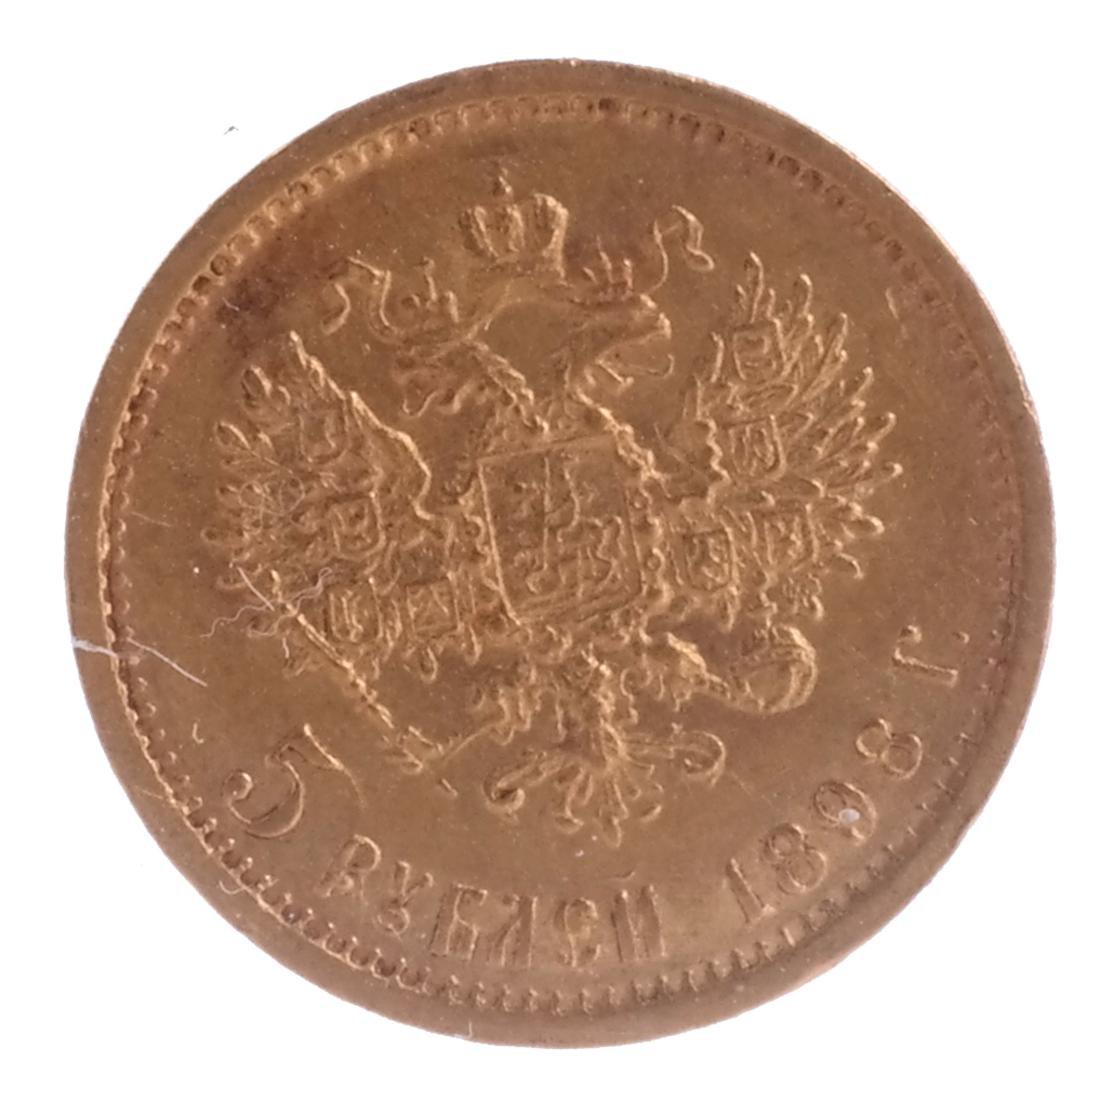 Russia 5-Ruble, 1898 - 2